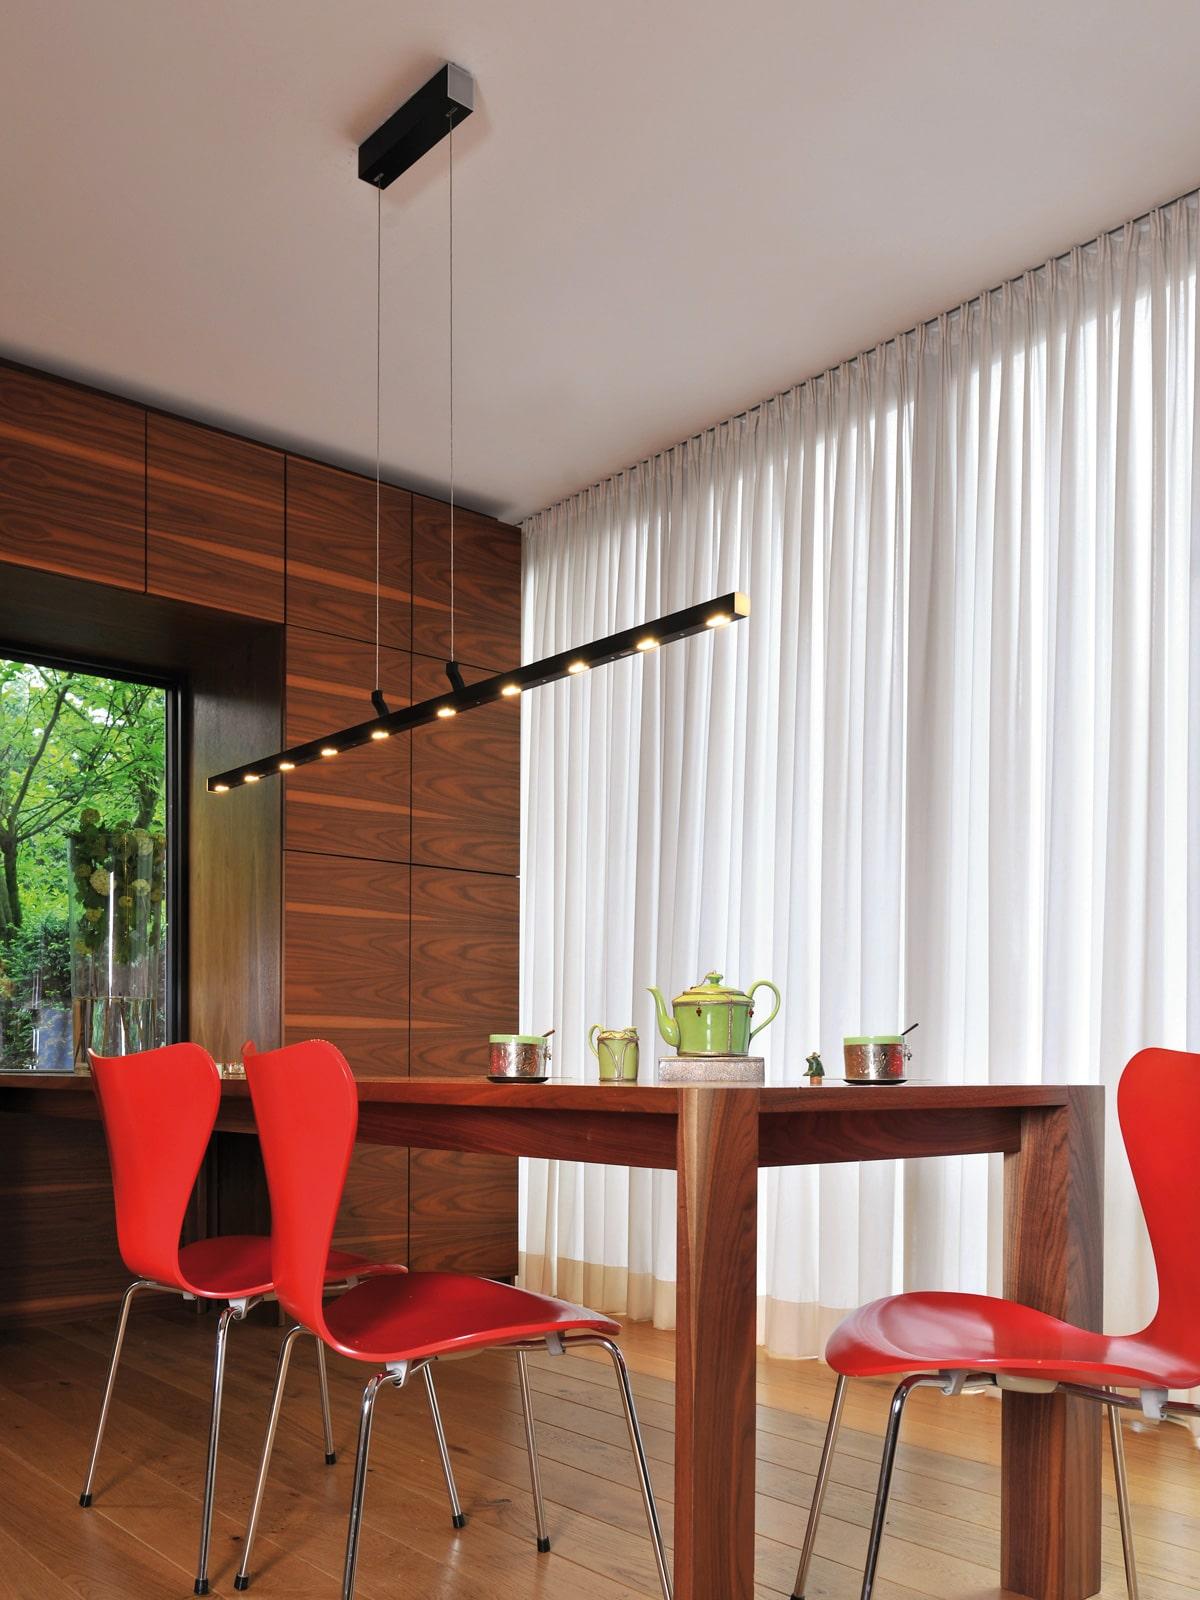 Squadra Pendelleuchte BYOK DesignOrt Onlineshop Berlin Lampen Leuchten